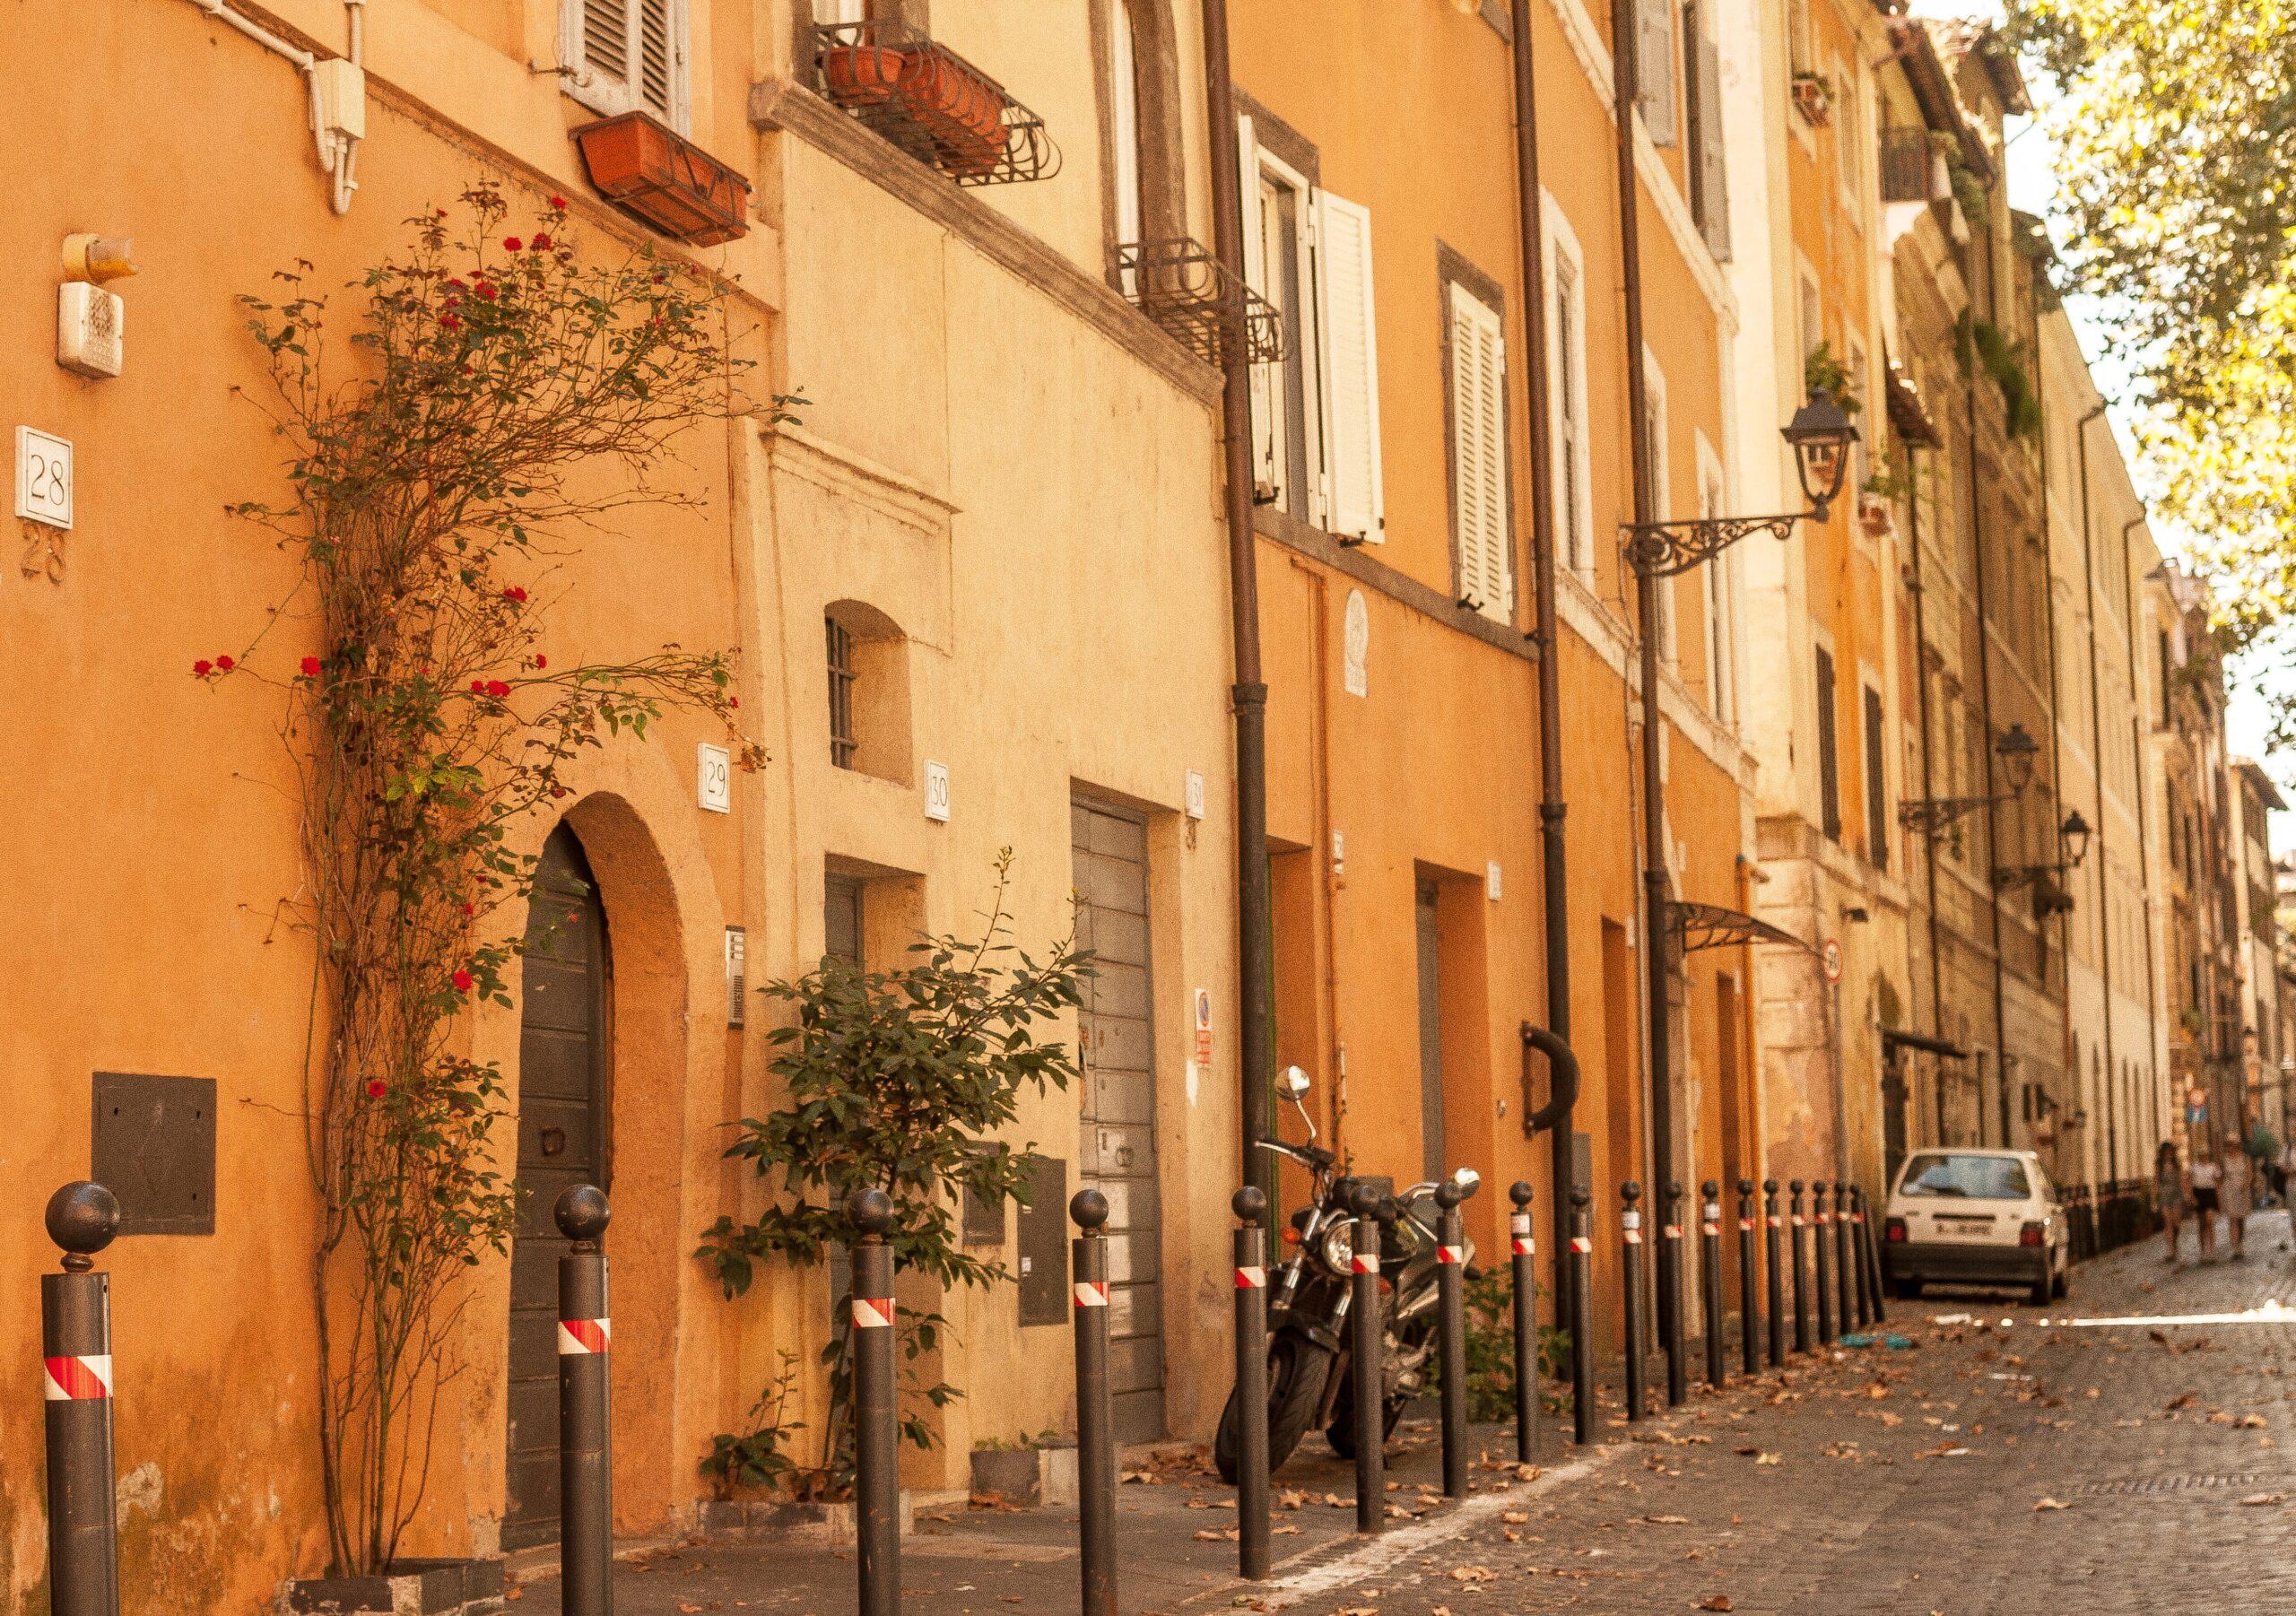 Cose particolari da vedere a Roma: 7 posti insoliti da esplorare e fotografare